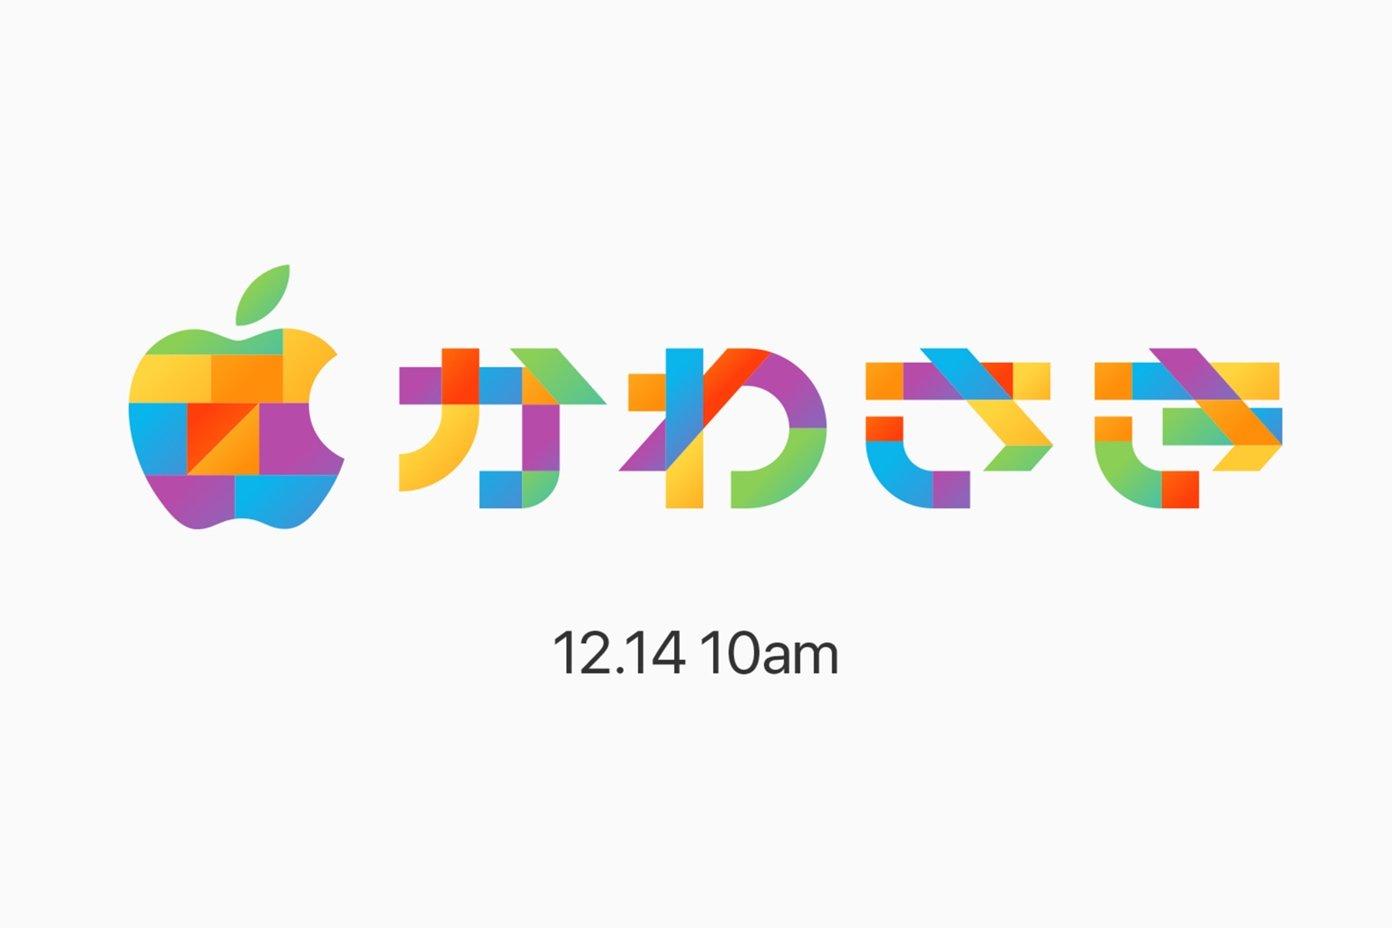 速報:Apple 川崎、12月14日10時にオープン!